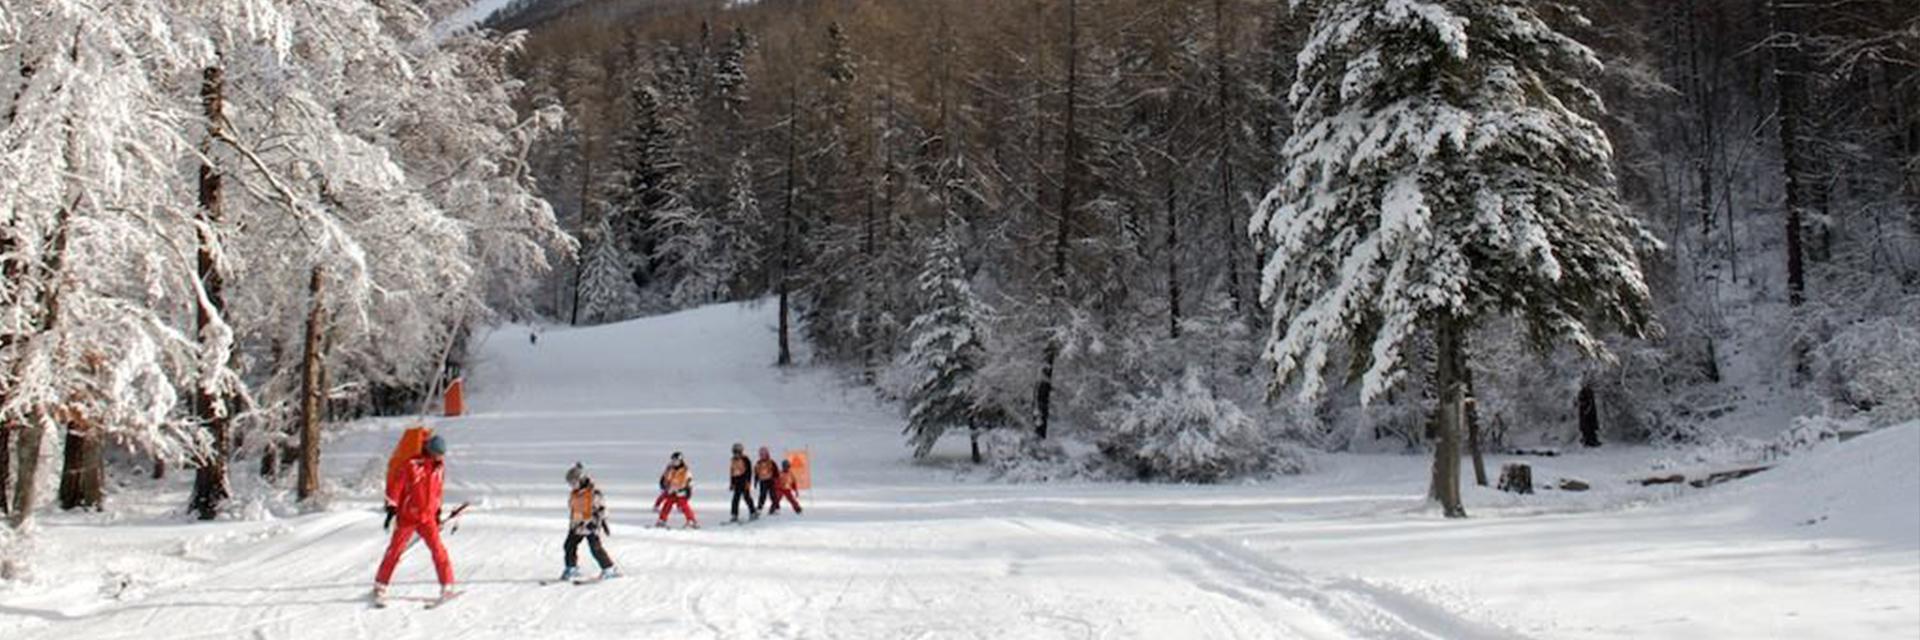 village-vacances-azur-et-neige-slider-piste-de-ski